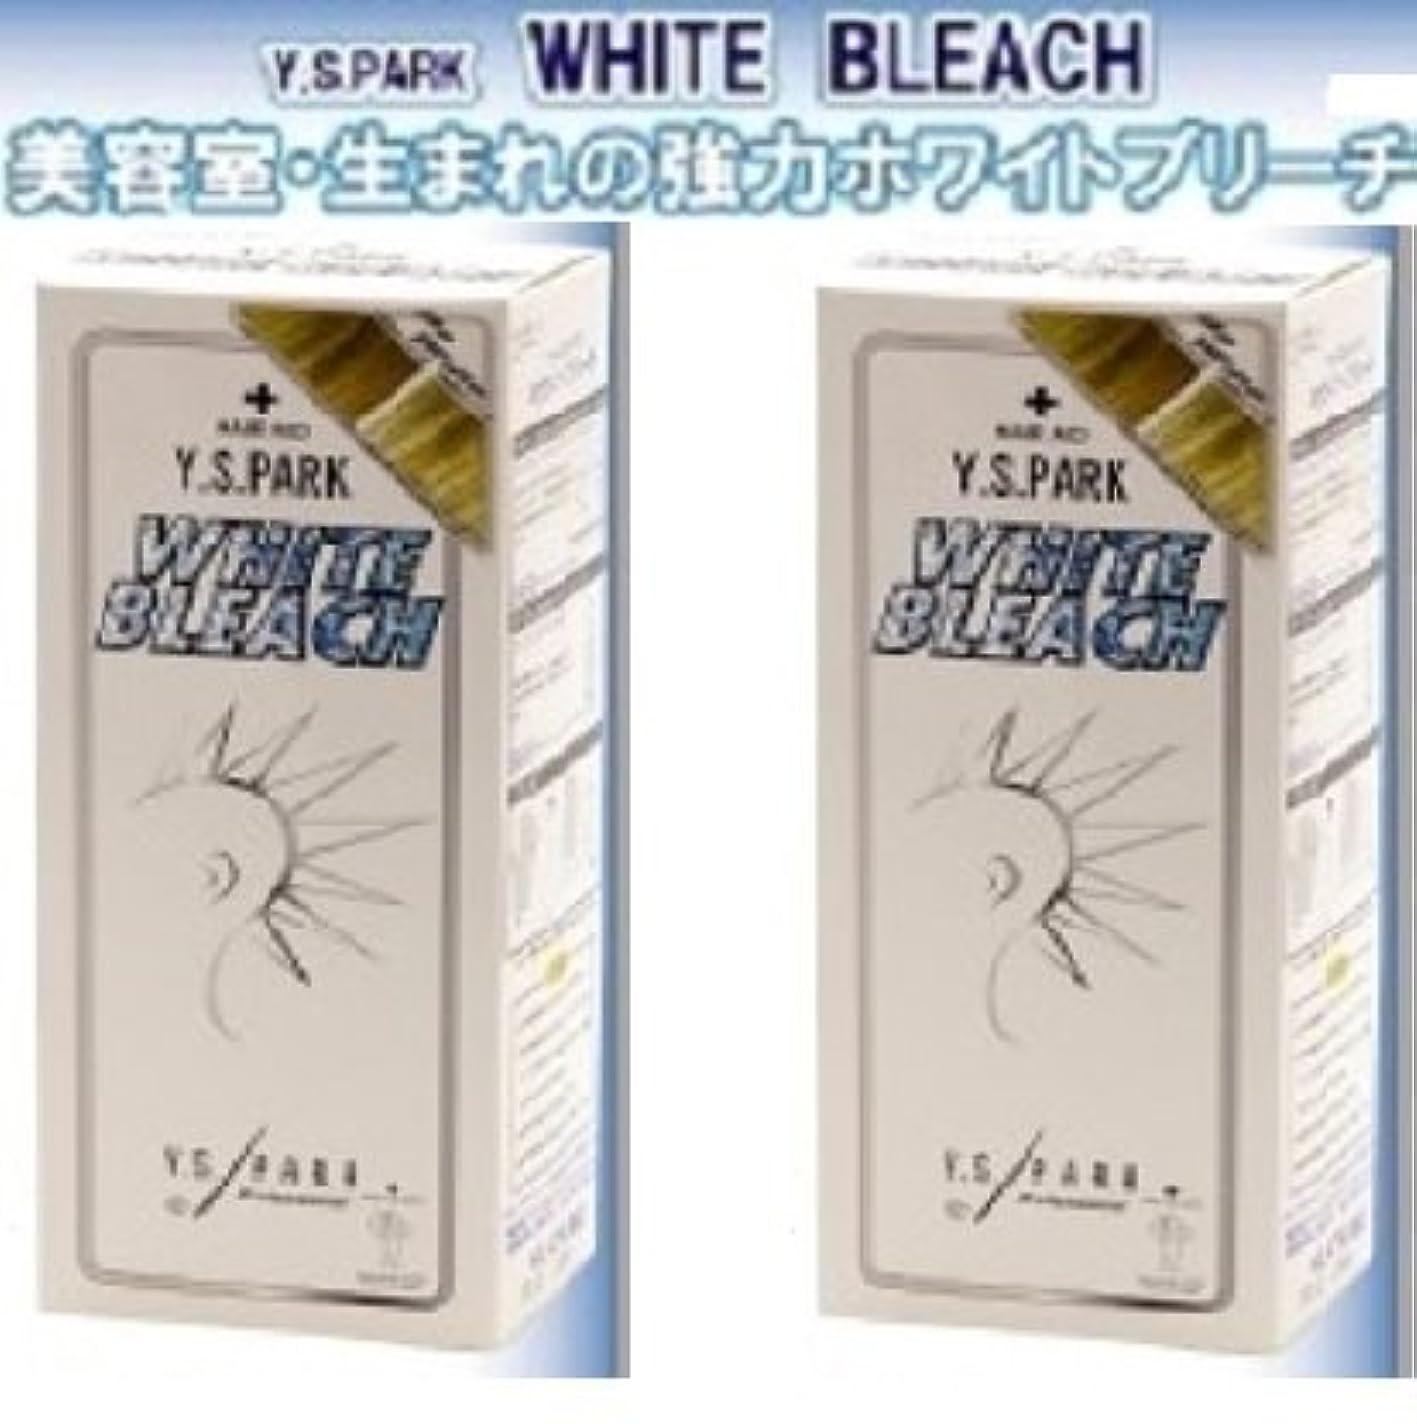 周波数サスペンション論争的【YSPARK 】ホワイトブリーチ ×2個セット(お得な2個組)美容室生まれの強力ホワイトブリーチ